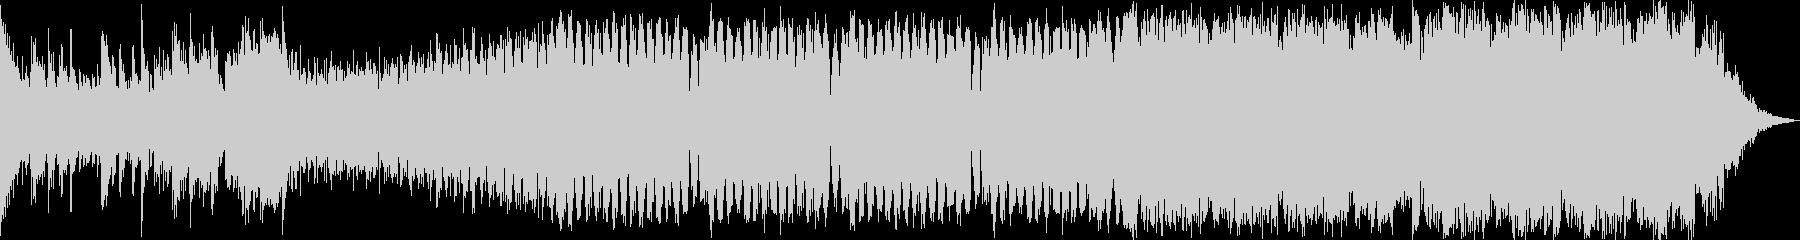 壮大でパワフルなピアノEDMの未再生の波形